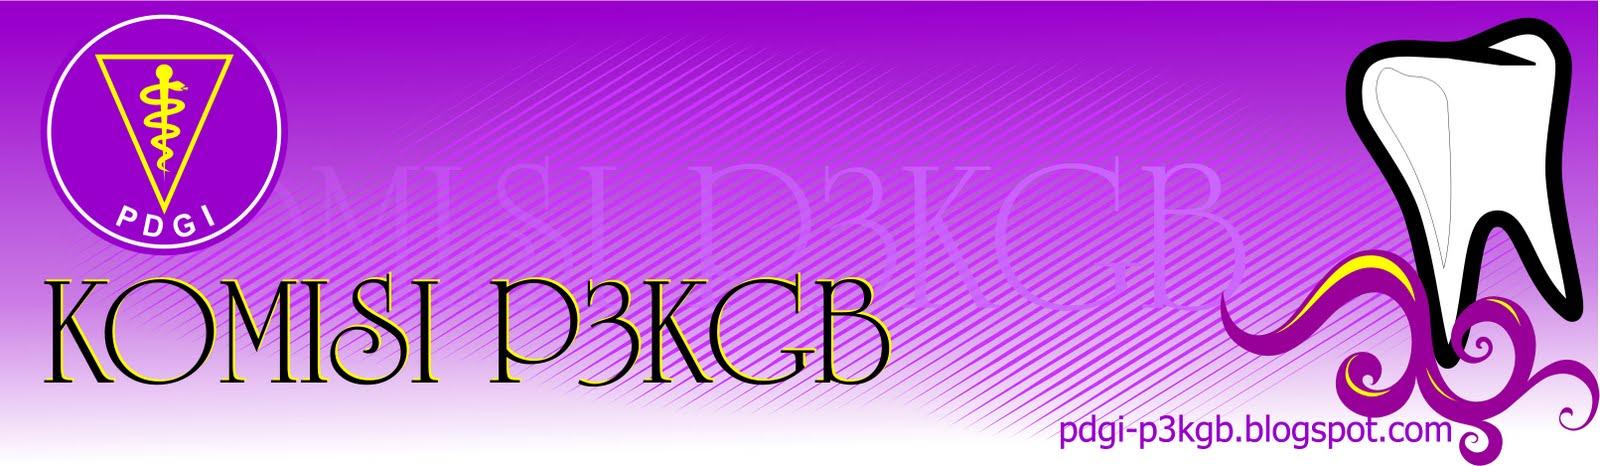 PDGI-P3KGB